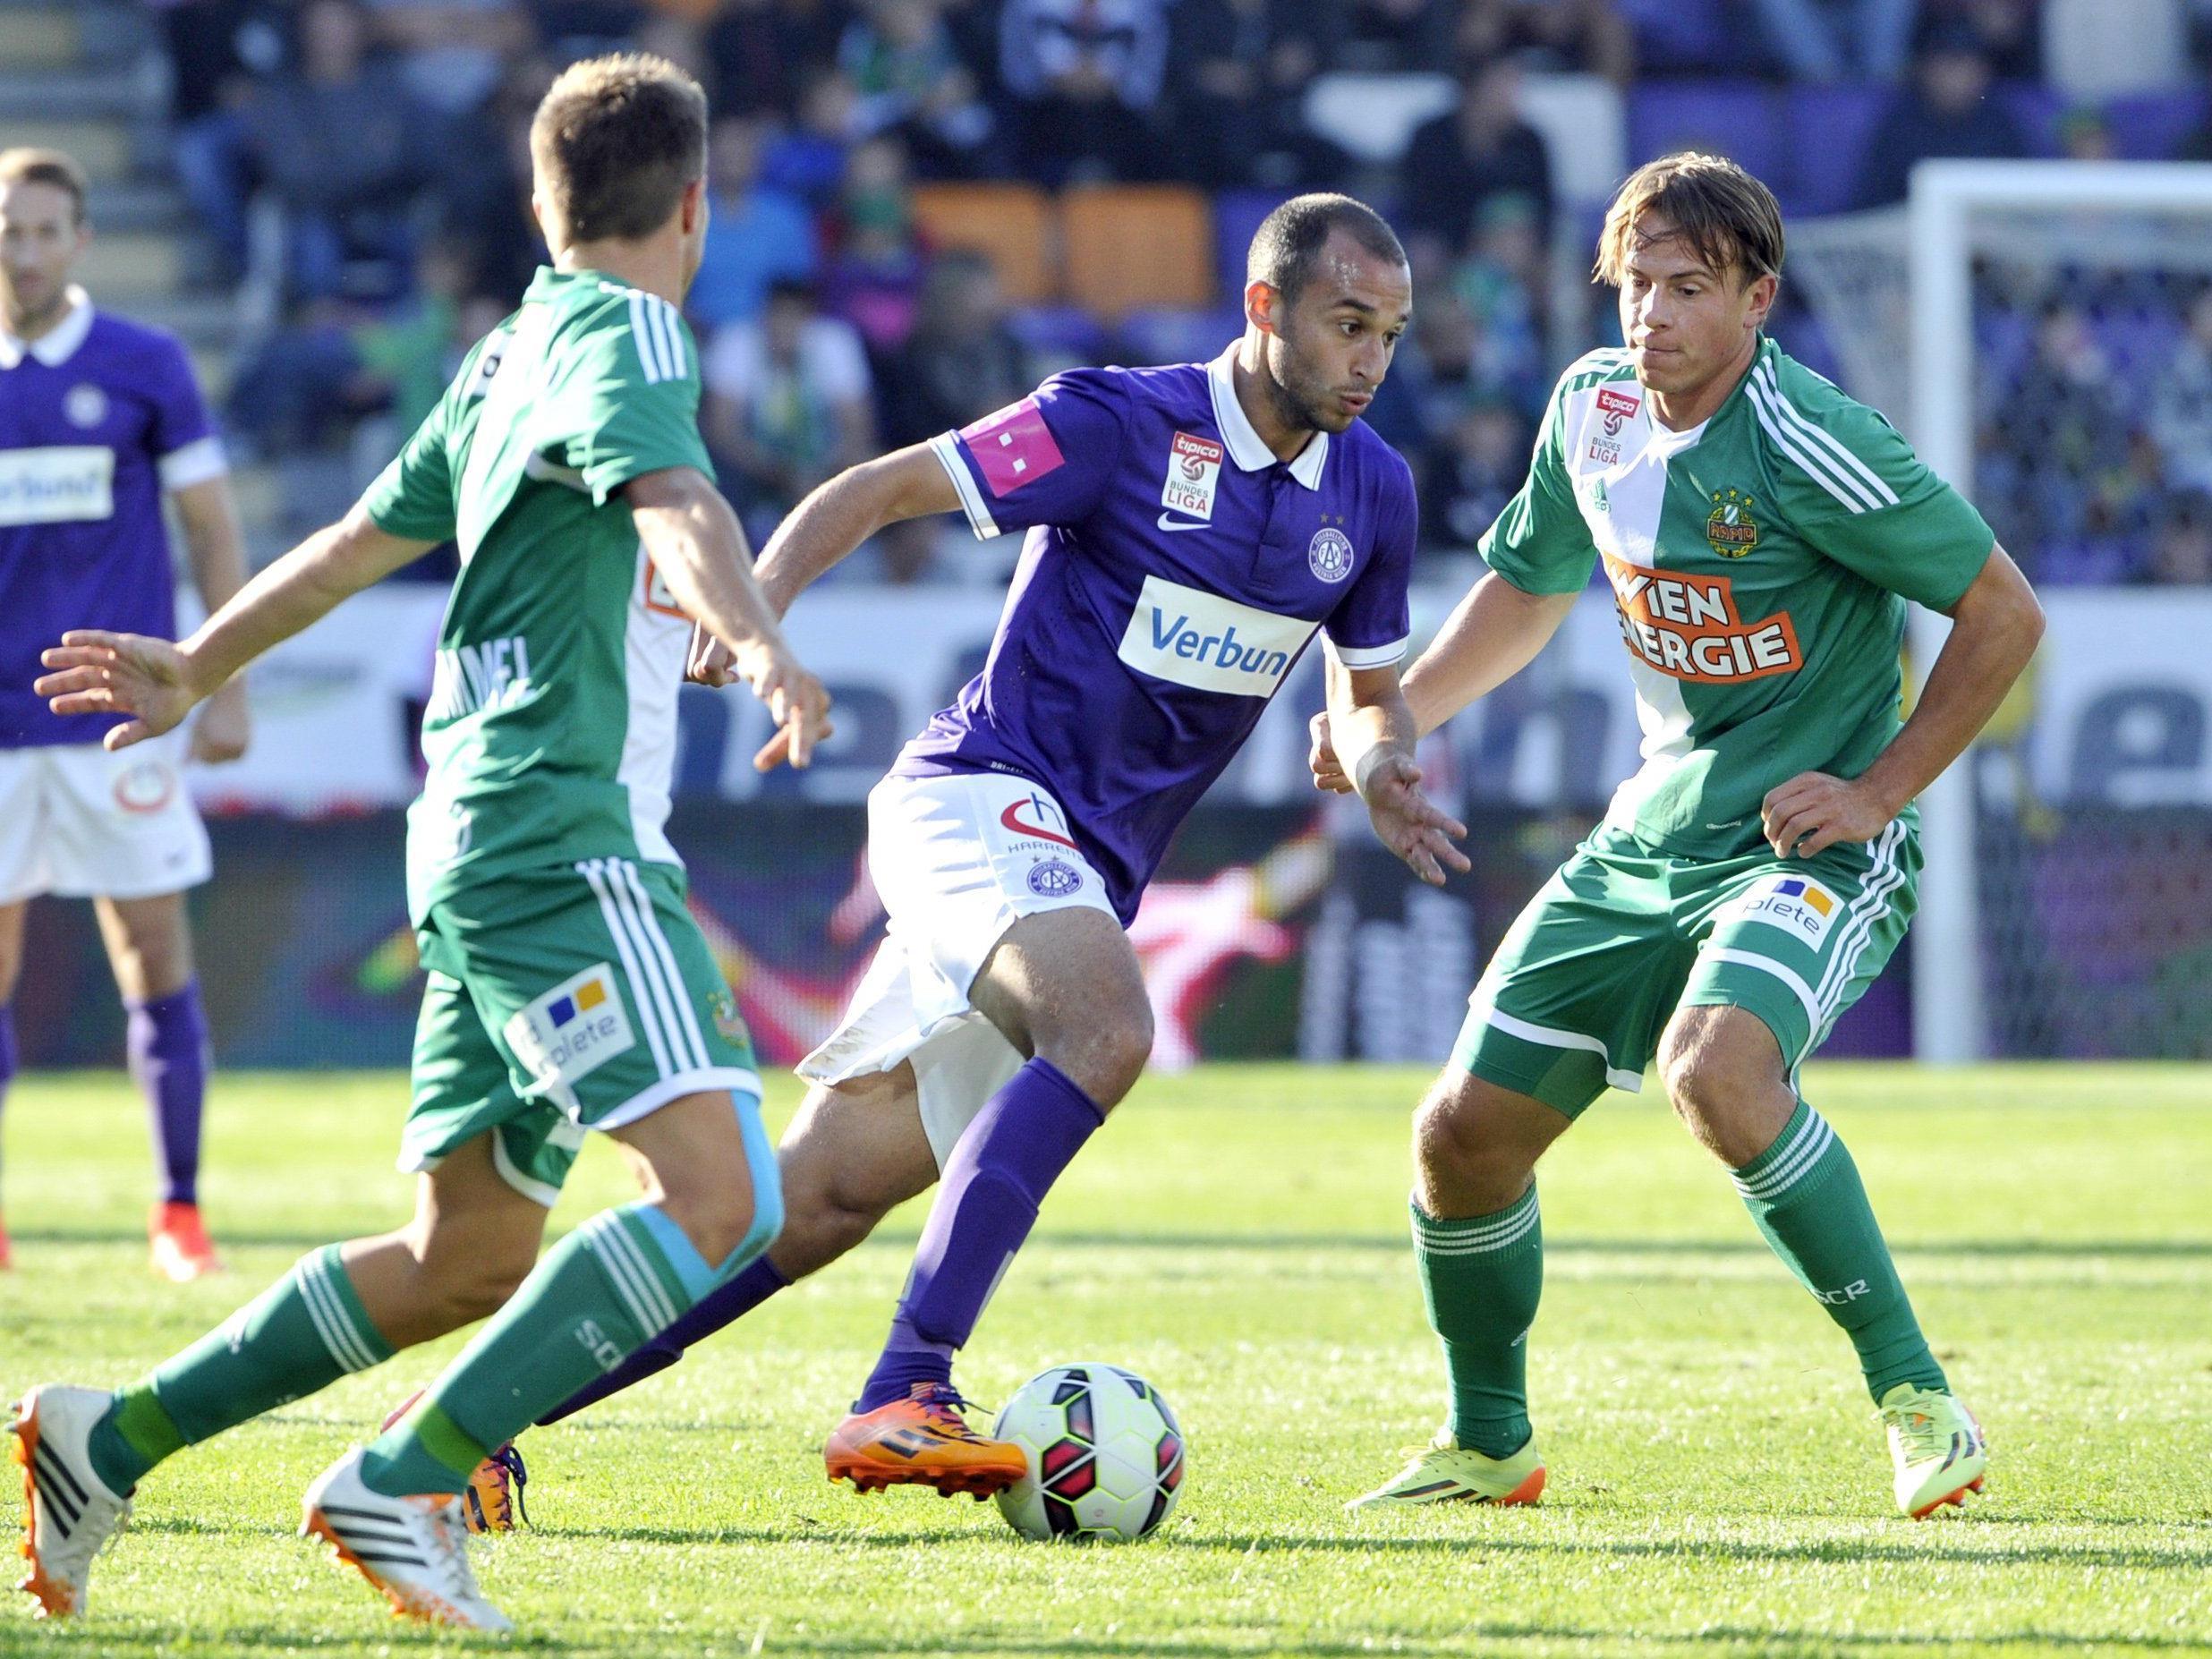 LIVE-Ticker zum Spiel SK Rapid Wien gegen FK Austria Wien ab 14.30 Uhr.